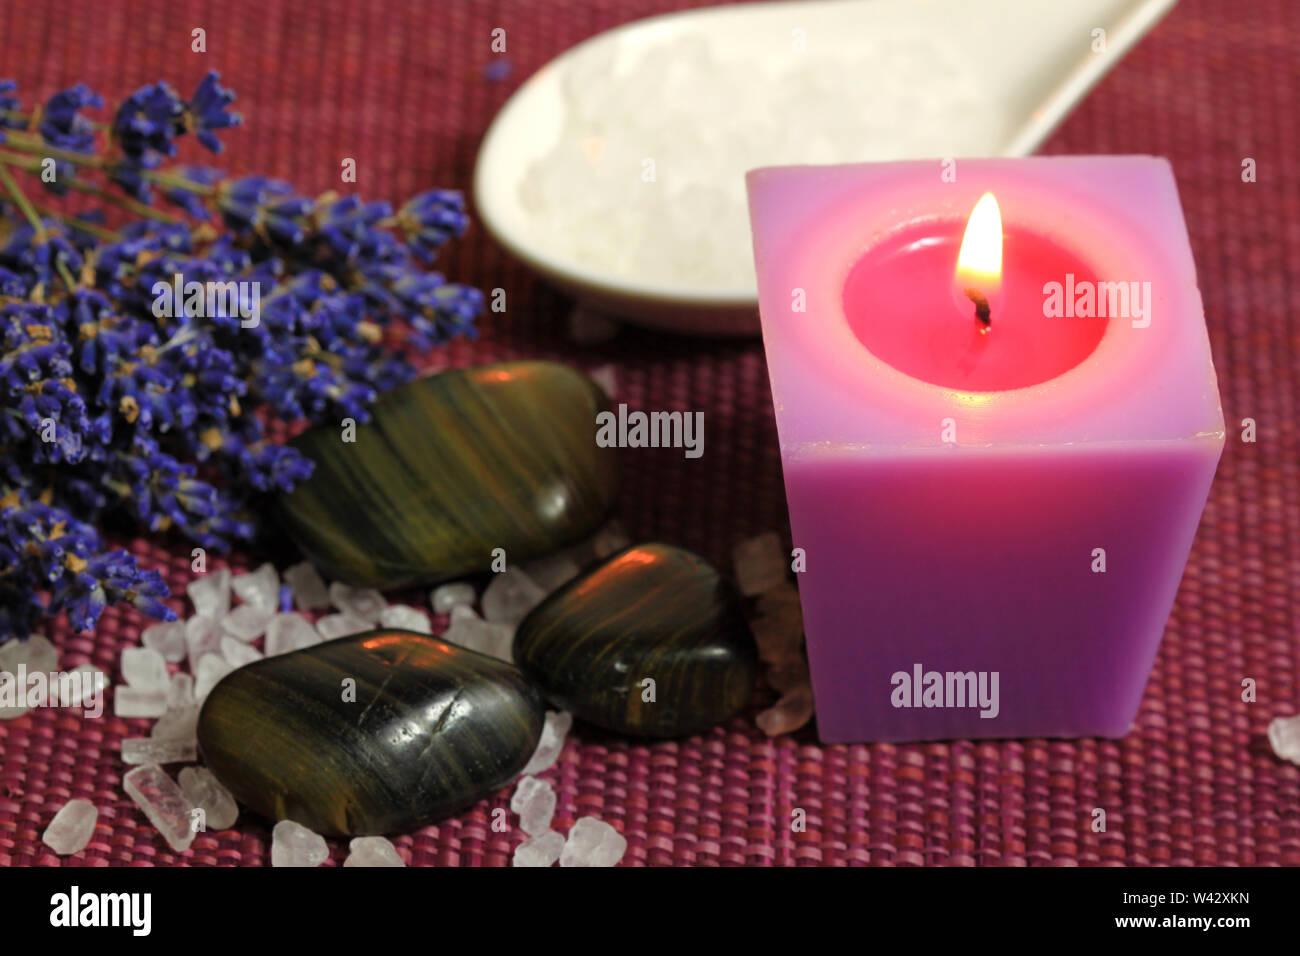 Vous pourrez vous détendre dans un spa - bougie brûlante, cailloux et fleurs de lavande. Moody light Photo Stock